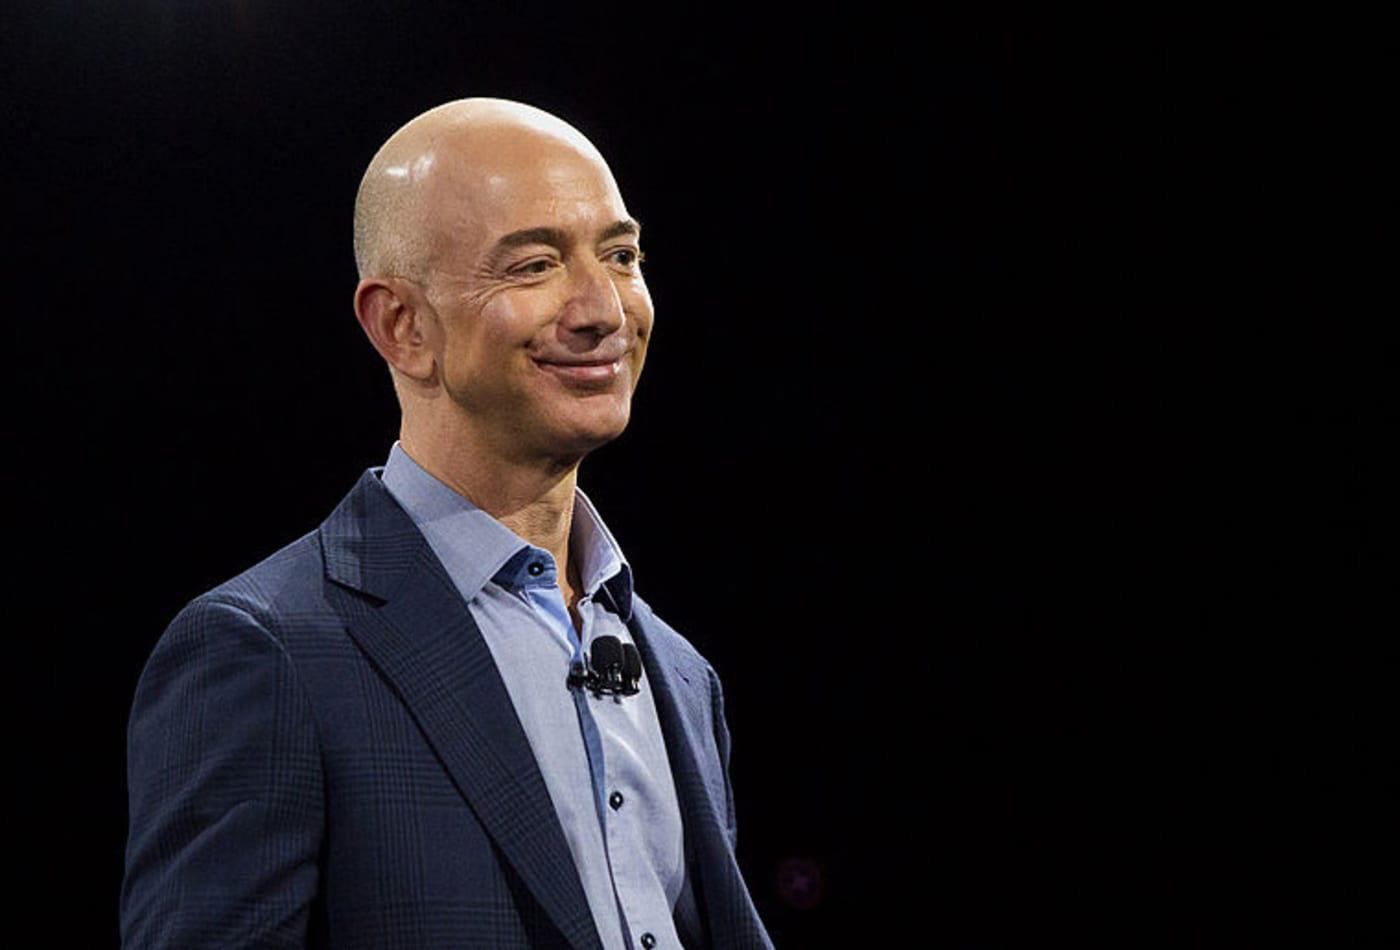 Tỉ phú giàu nhất thế giới: 'Tôi thành công vì đã trúng rất nhiều xổ số' - Ảnh 1.